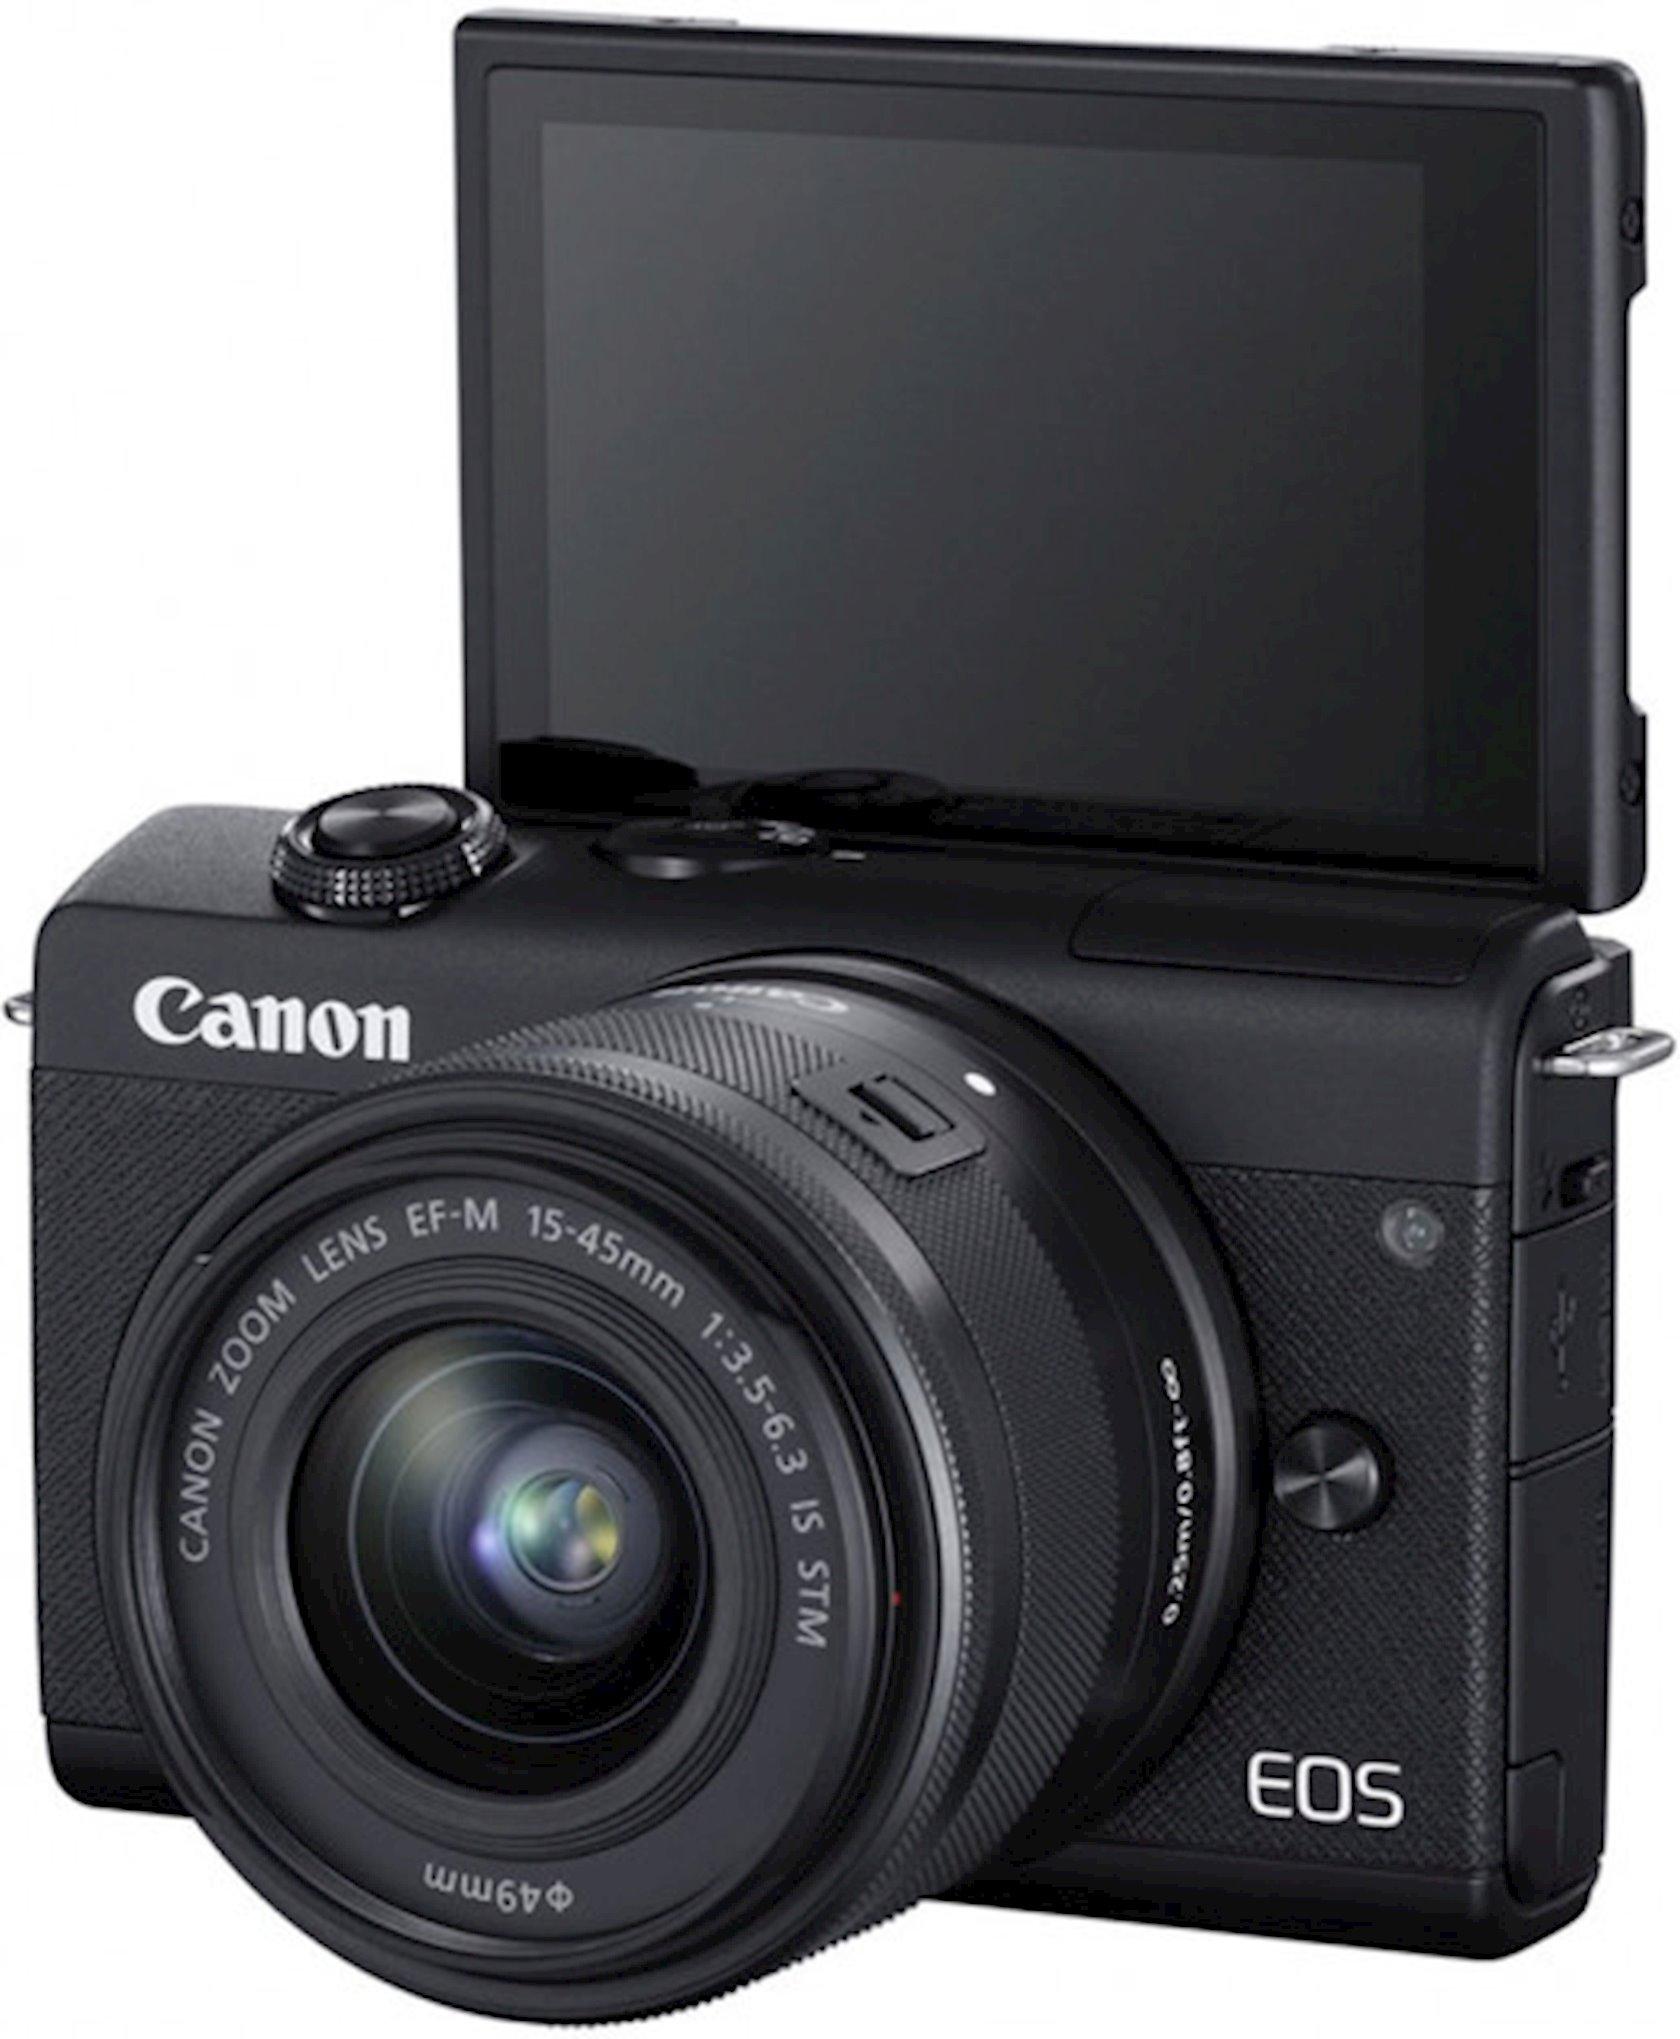 Fotoaparat Canon EOS M200 15-45mm IS STM Kit Black